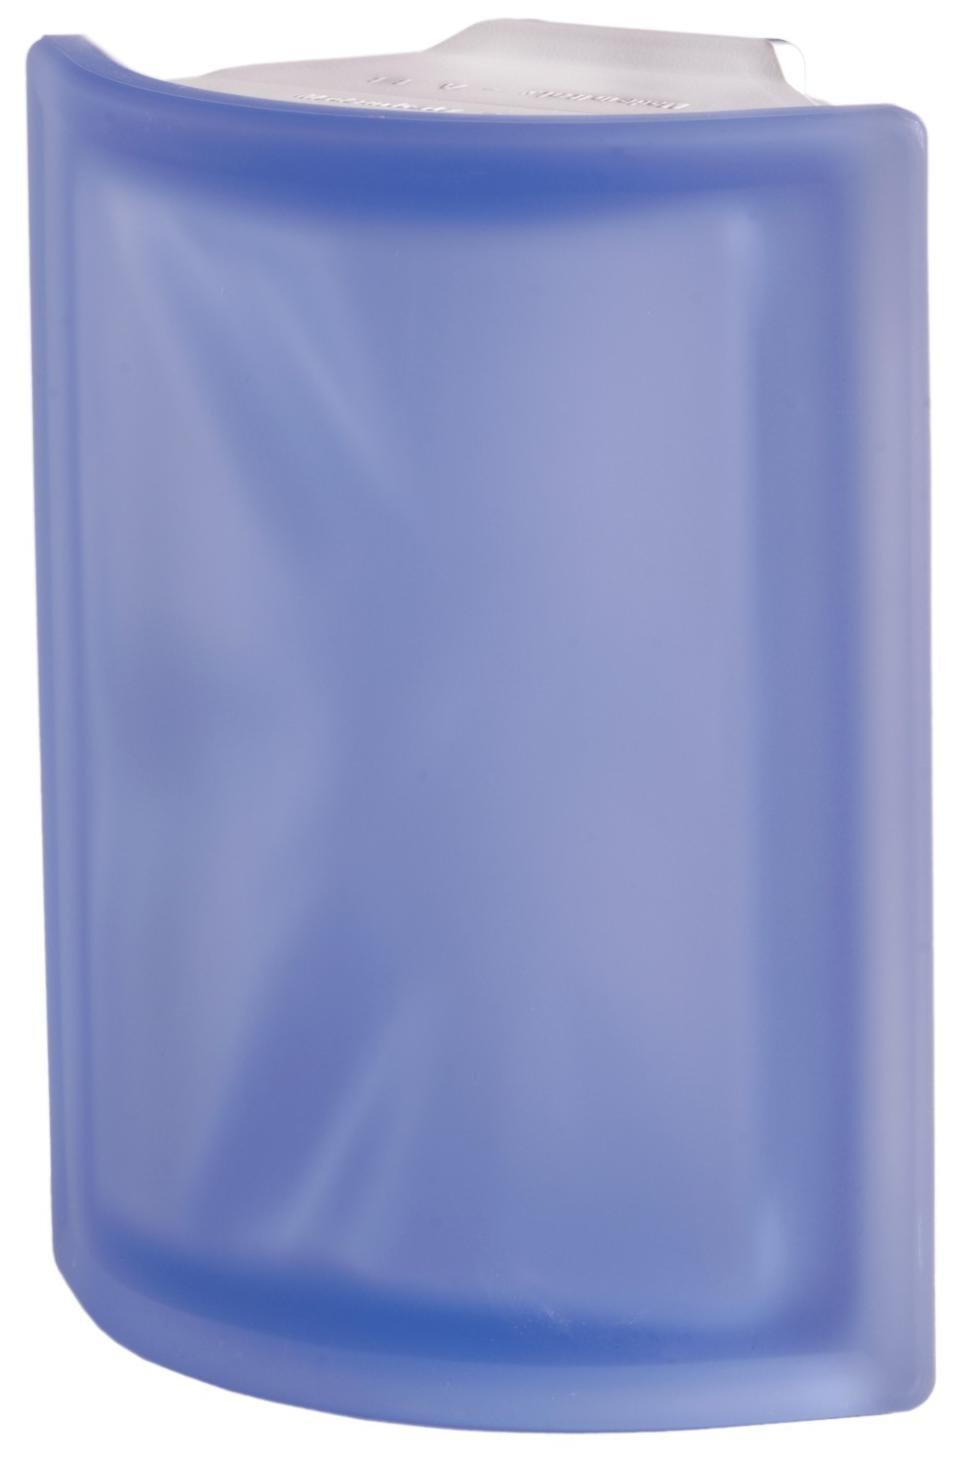 Luxfera Pegasus Angolare O Sat Blu, svlnkou, rohová satin 0